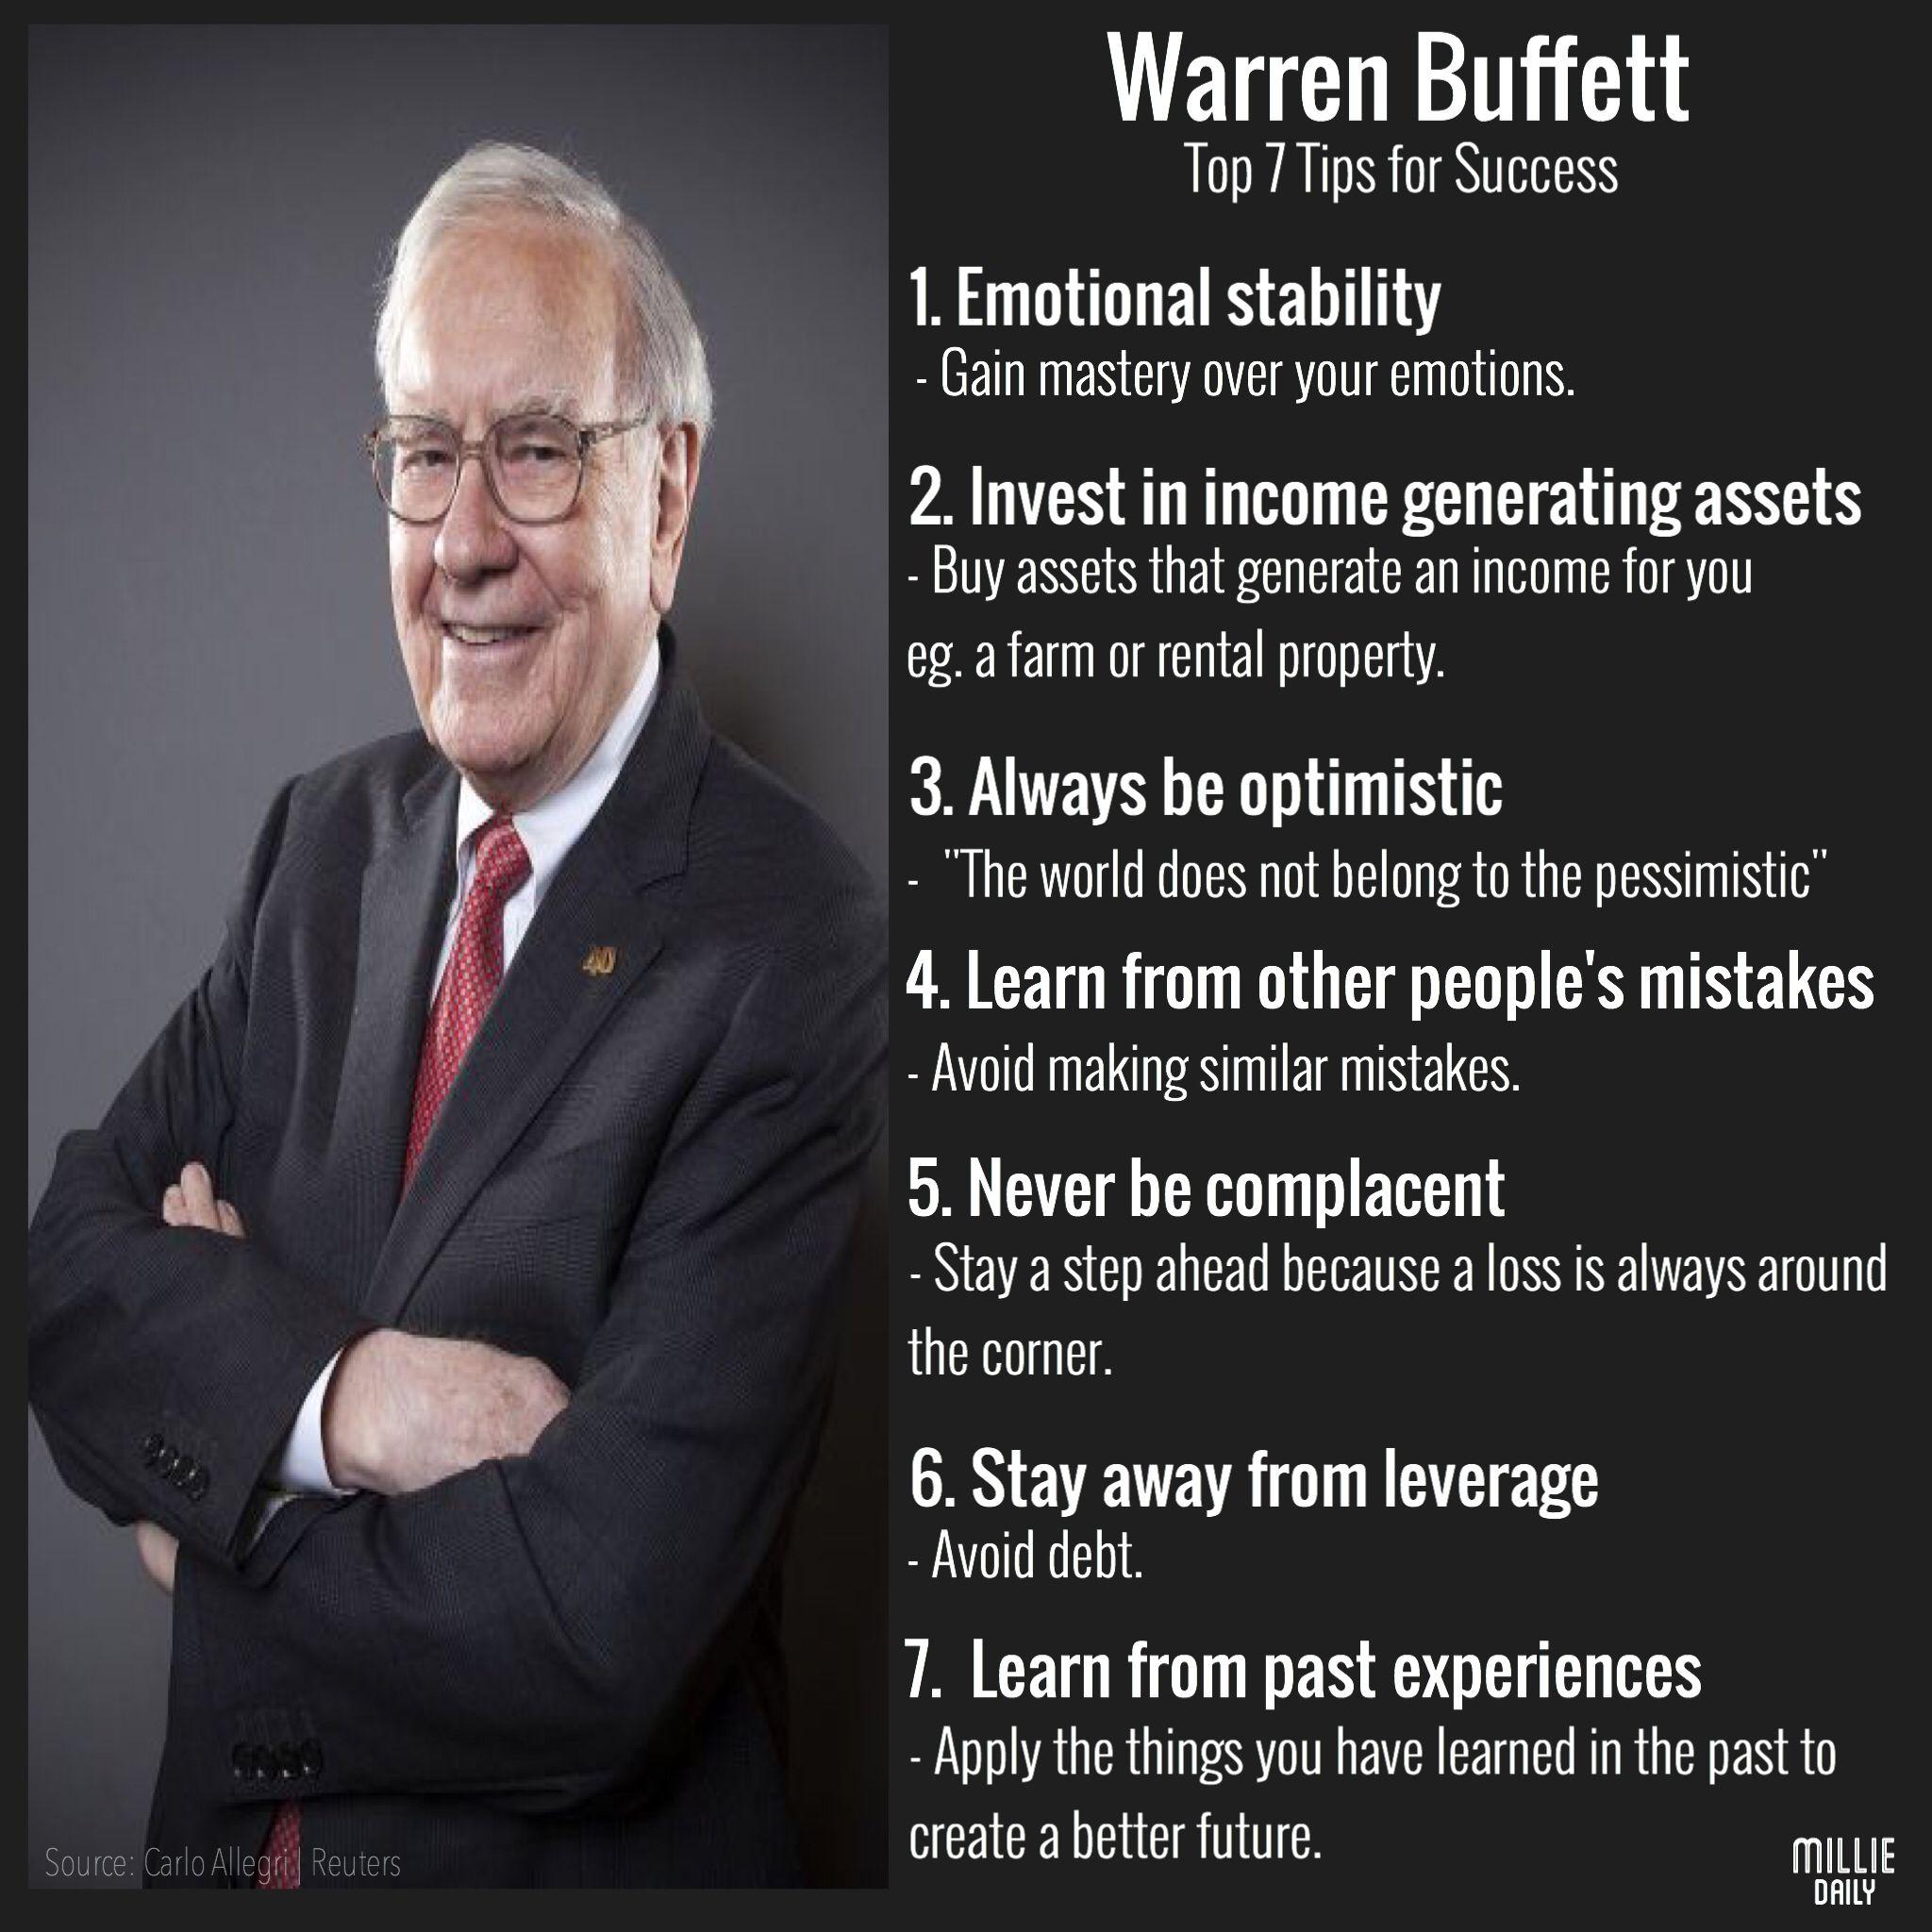 Warren Buffett's Top 7 Tips For Success Success, Warren